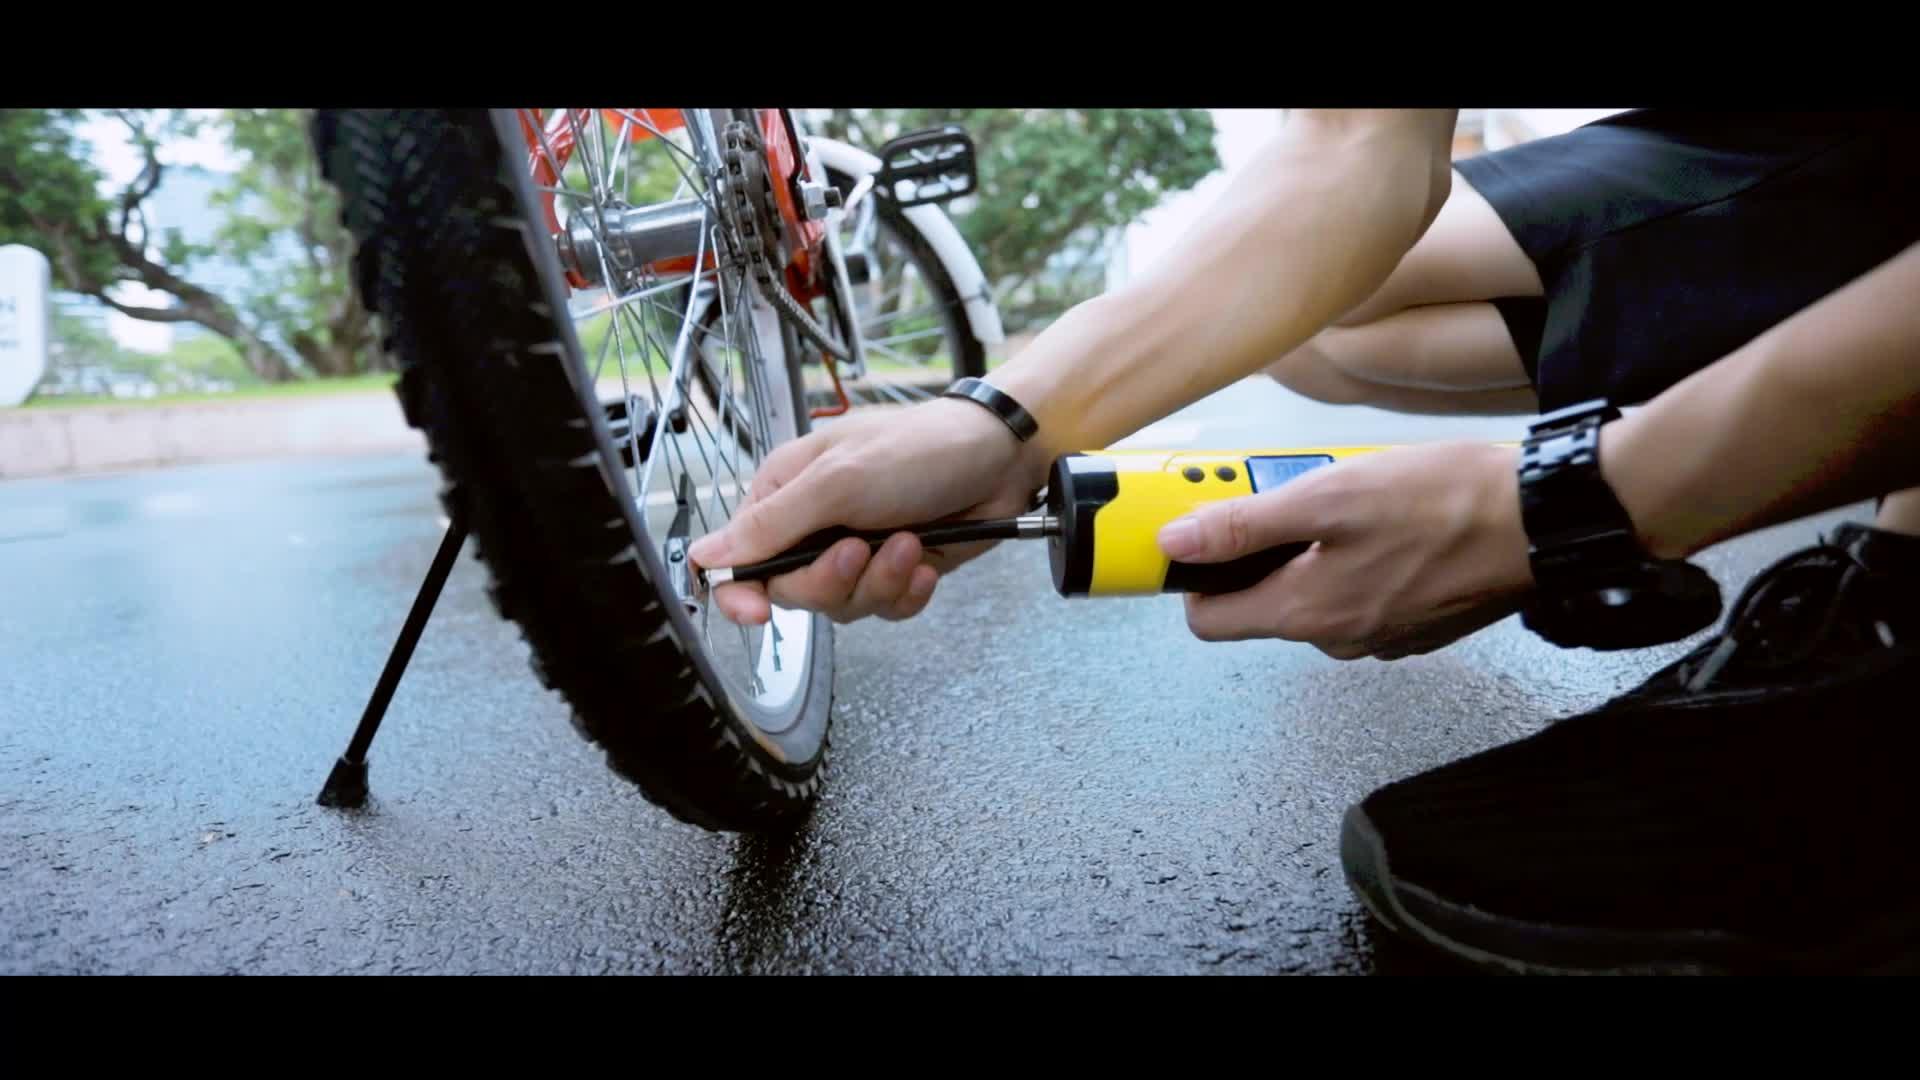 12v 150PSI DC Перезаряжаемые Электрический автоматический мини велосипед мотоцикл шины для легковых автомобилей воздушный насос